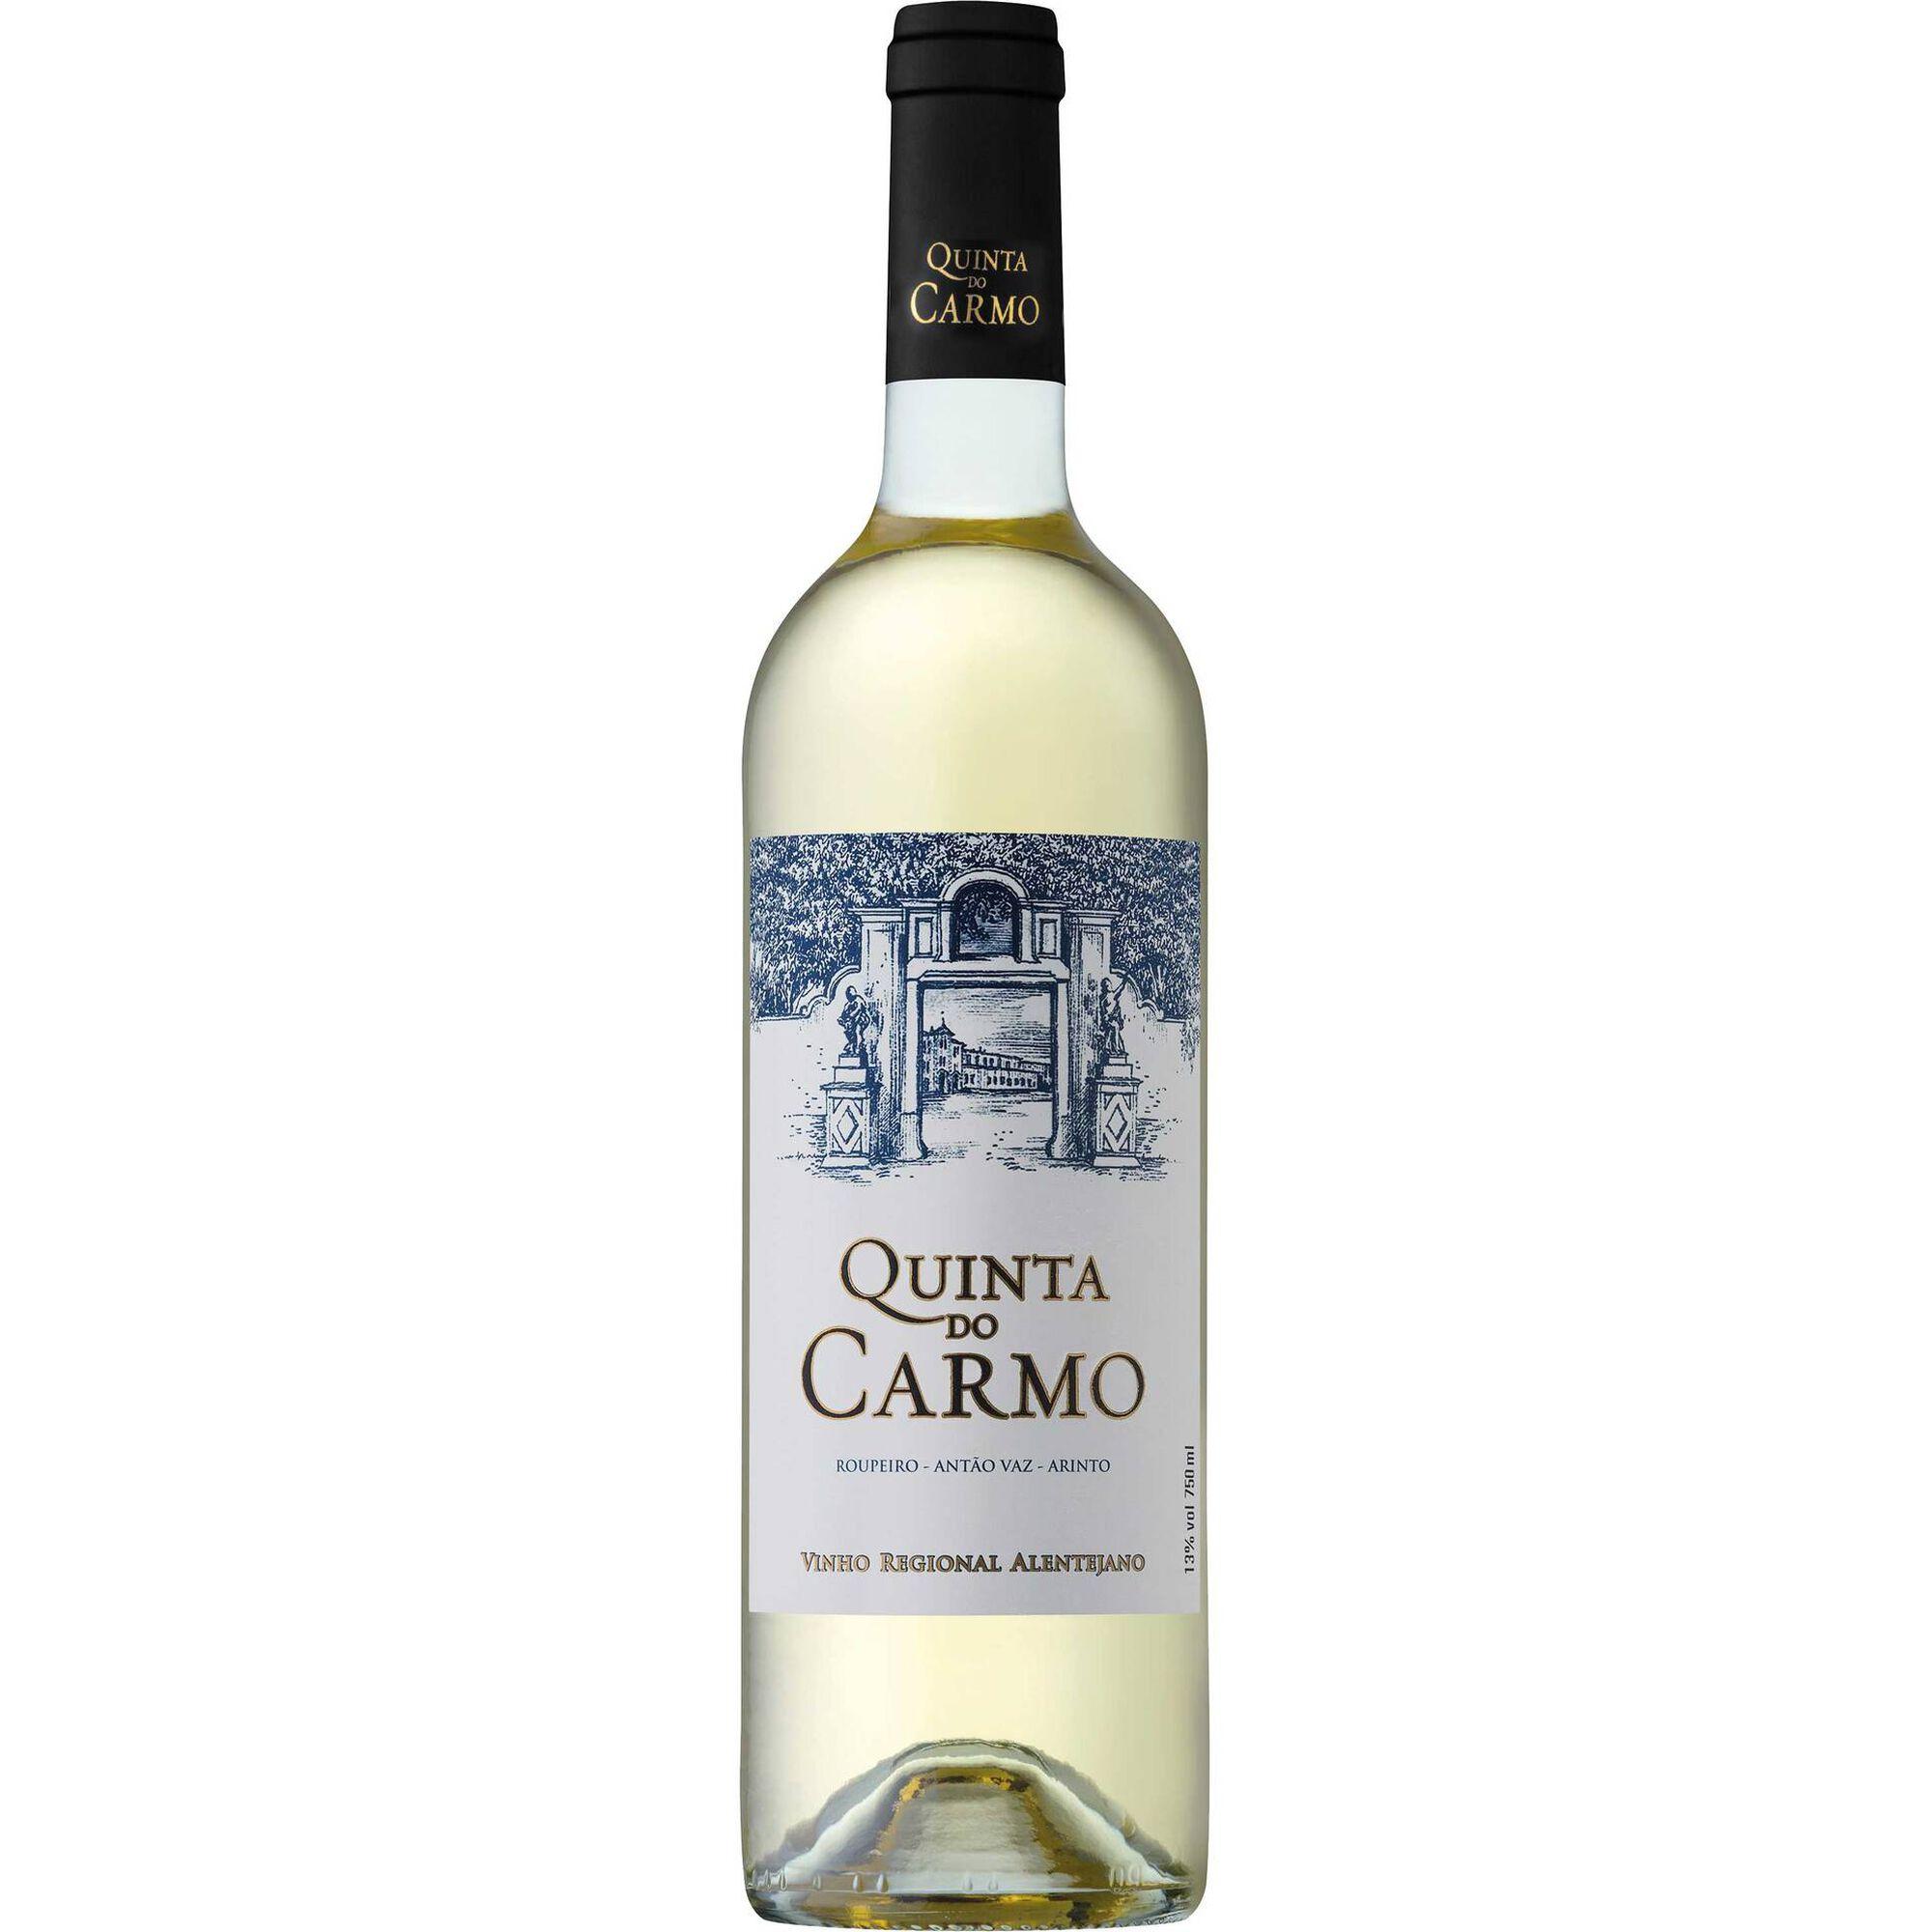 Quinta do Carmo Regional Alentejano Vinho Branco